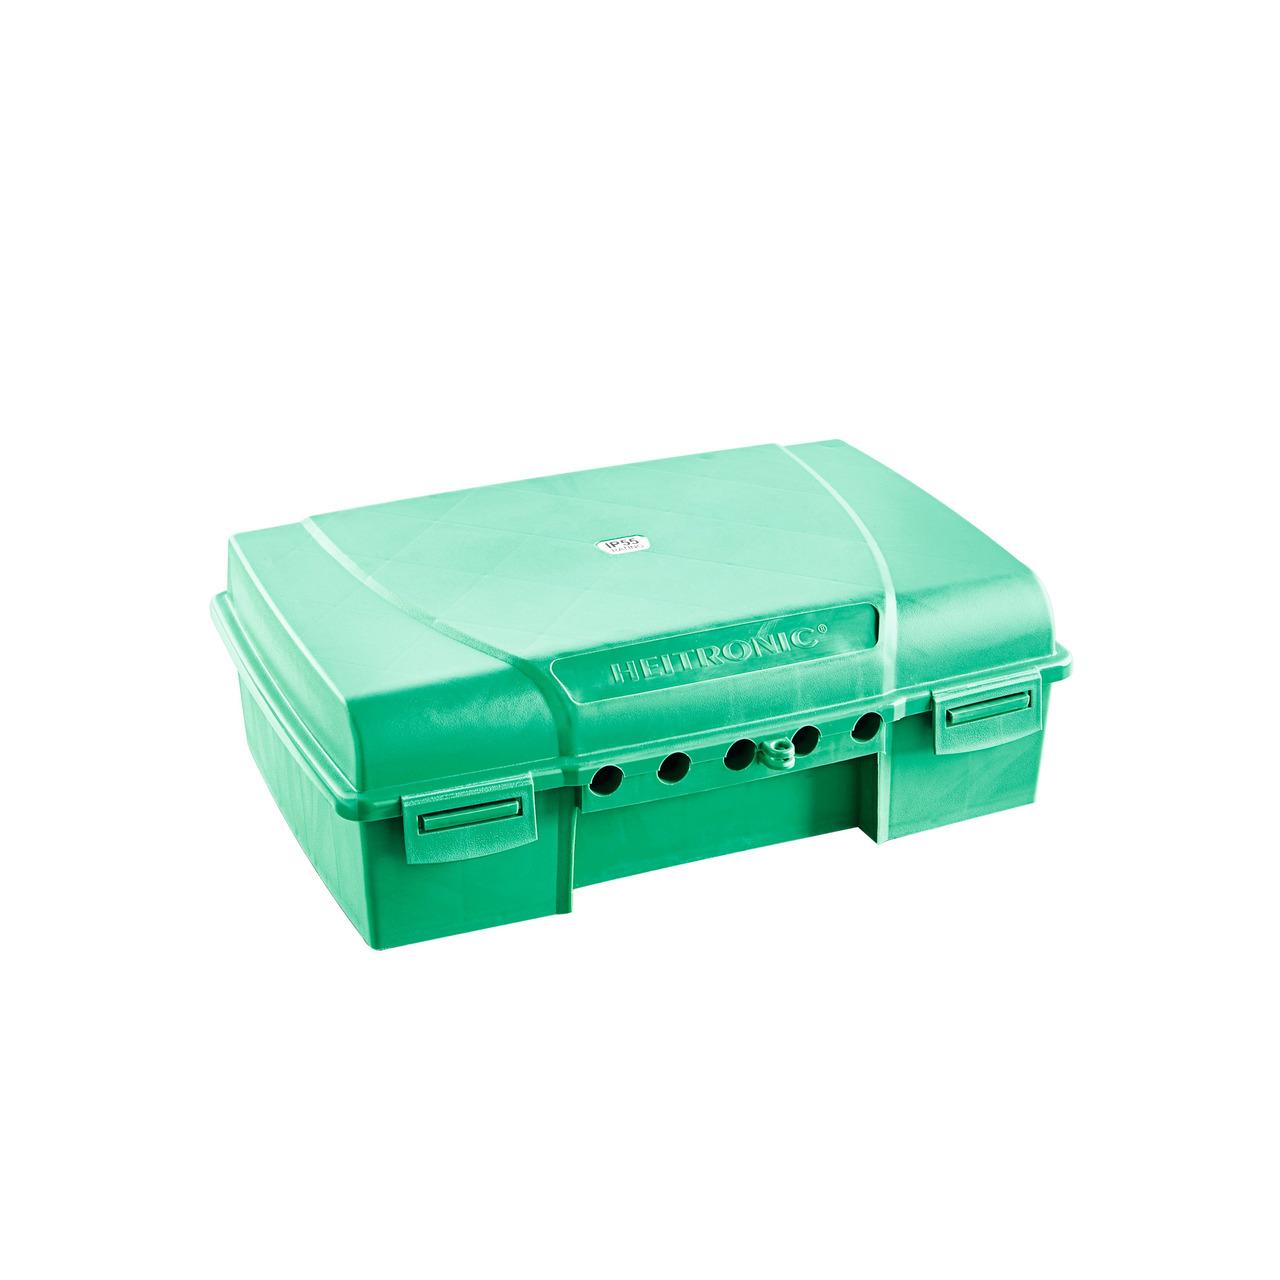 HEITRONIC Sicherheitsbox MAXIMUS für Steckerverbindungen- 5 Kabelausgänge- IP55